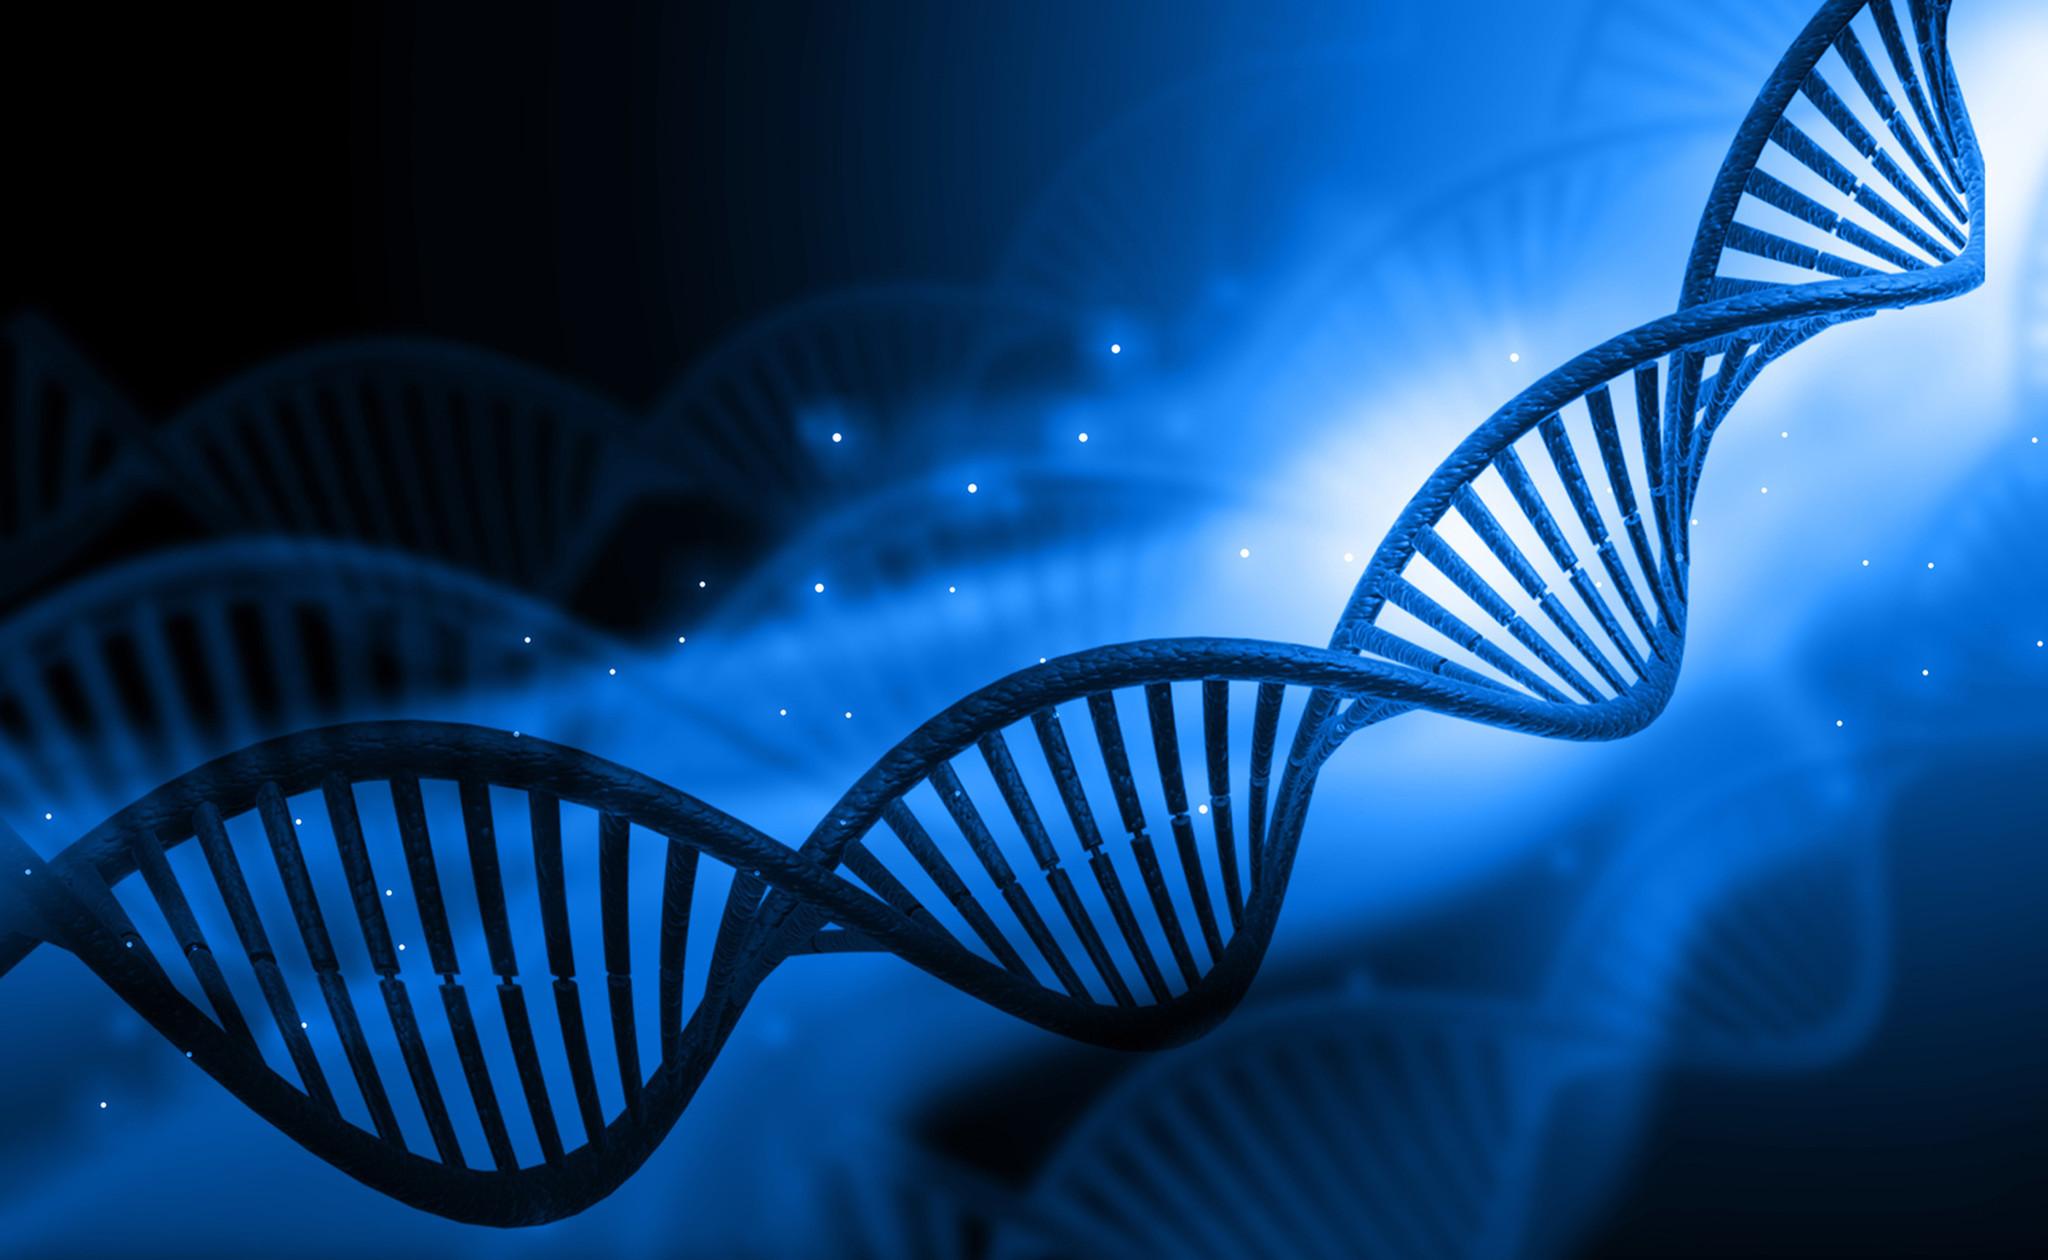 رسم الجينوم وتقنيات التلاعب الجيني آفاقاً قاتمة تقلق الرجل والمرأة سويّة